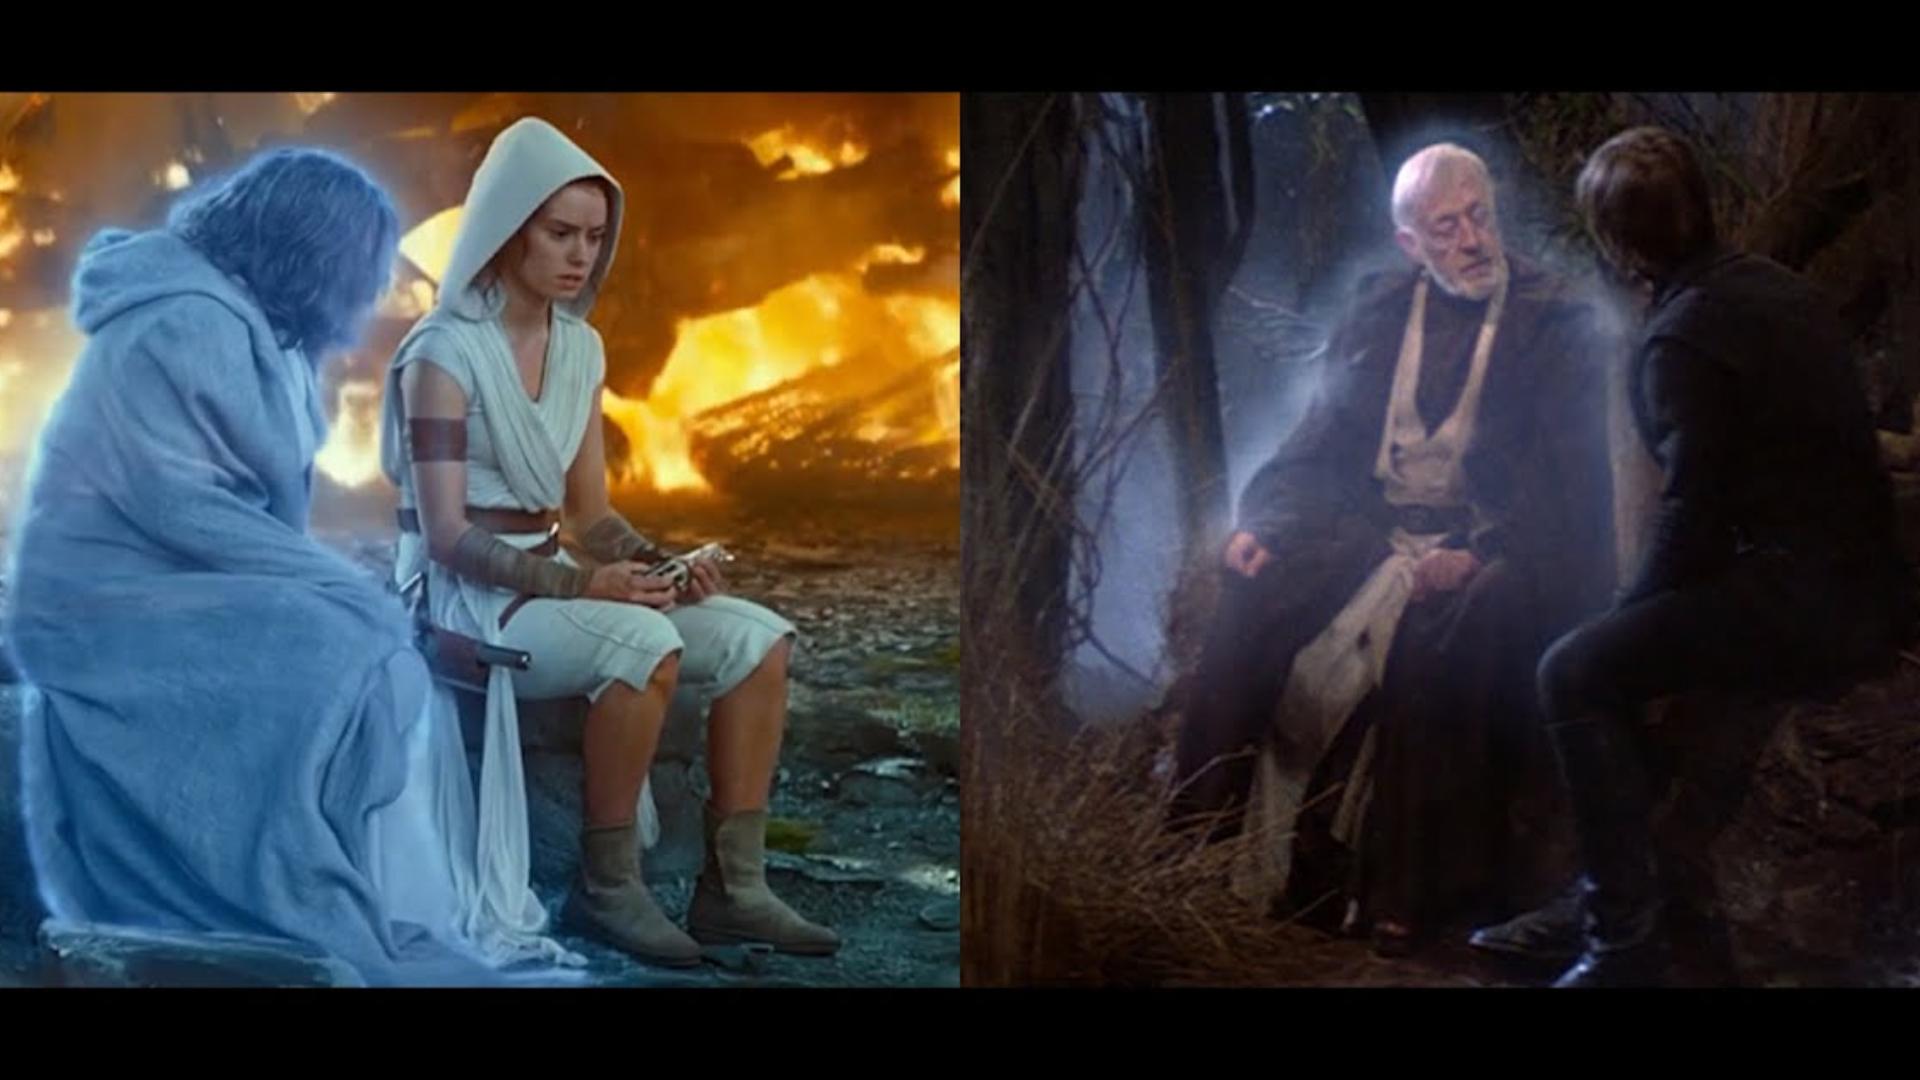 Star Wars : cette vidéo prouve les similitudes entre la première trilogie et la dernière